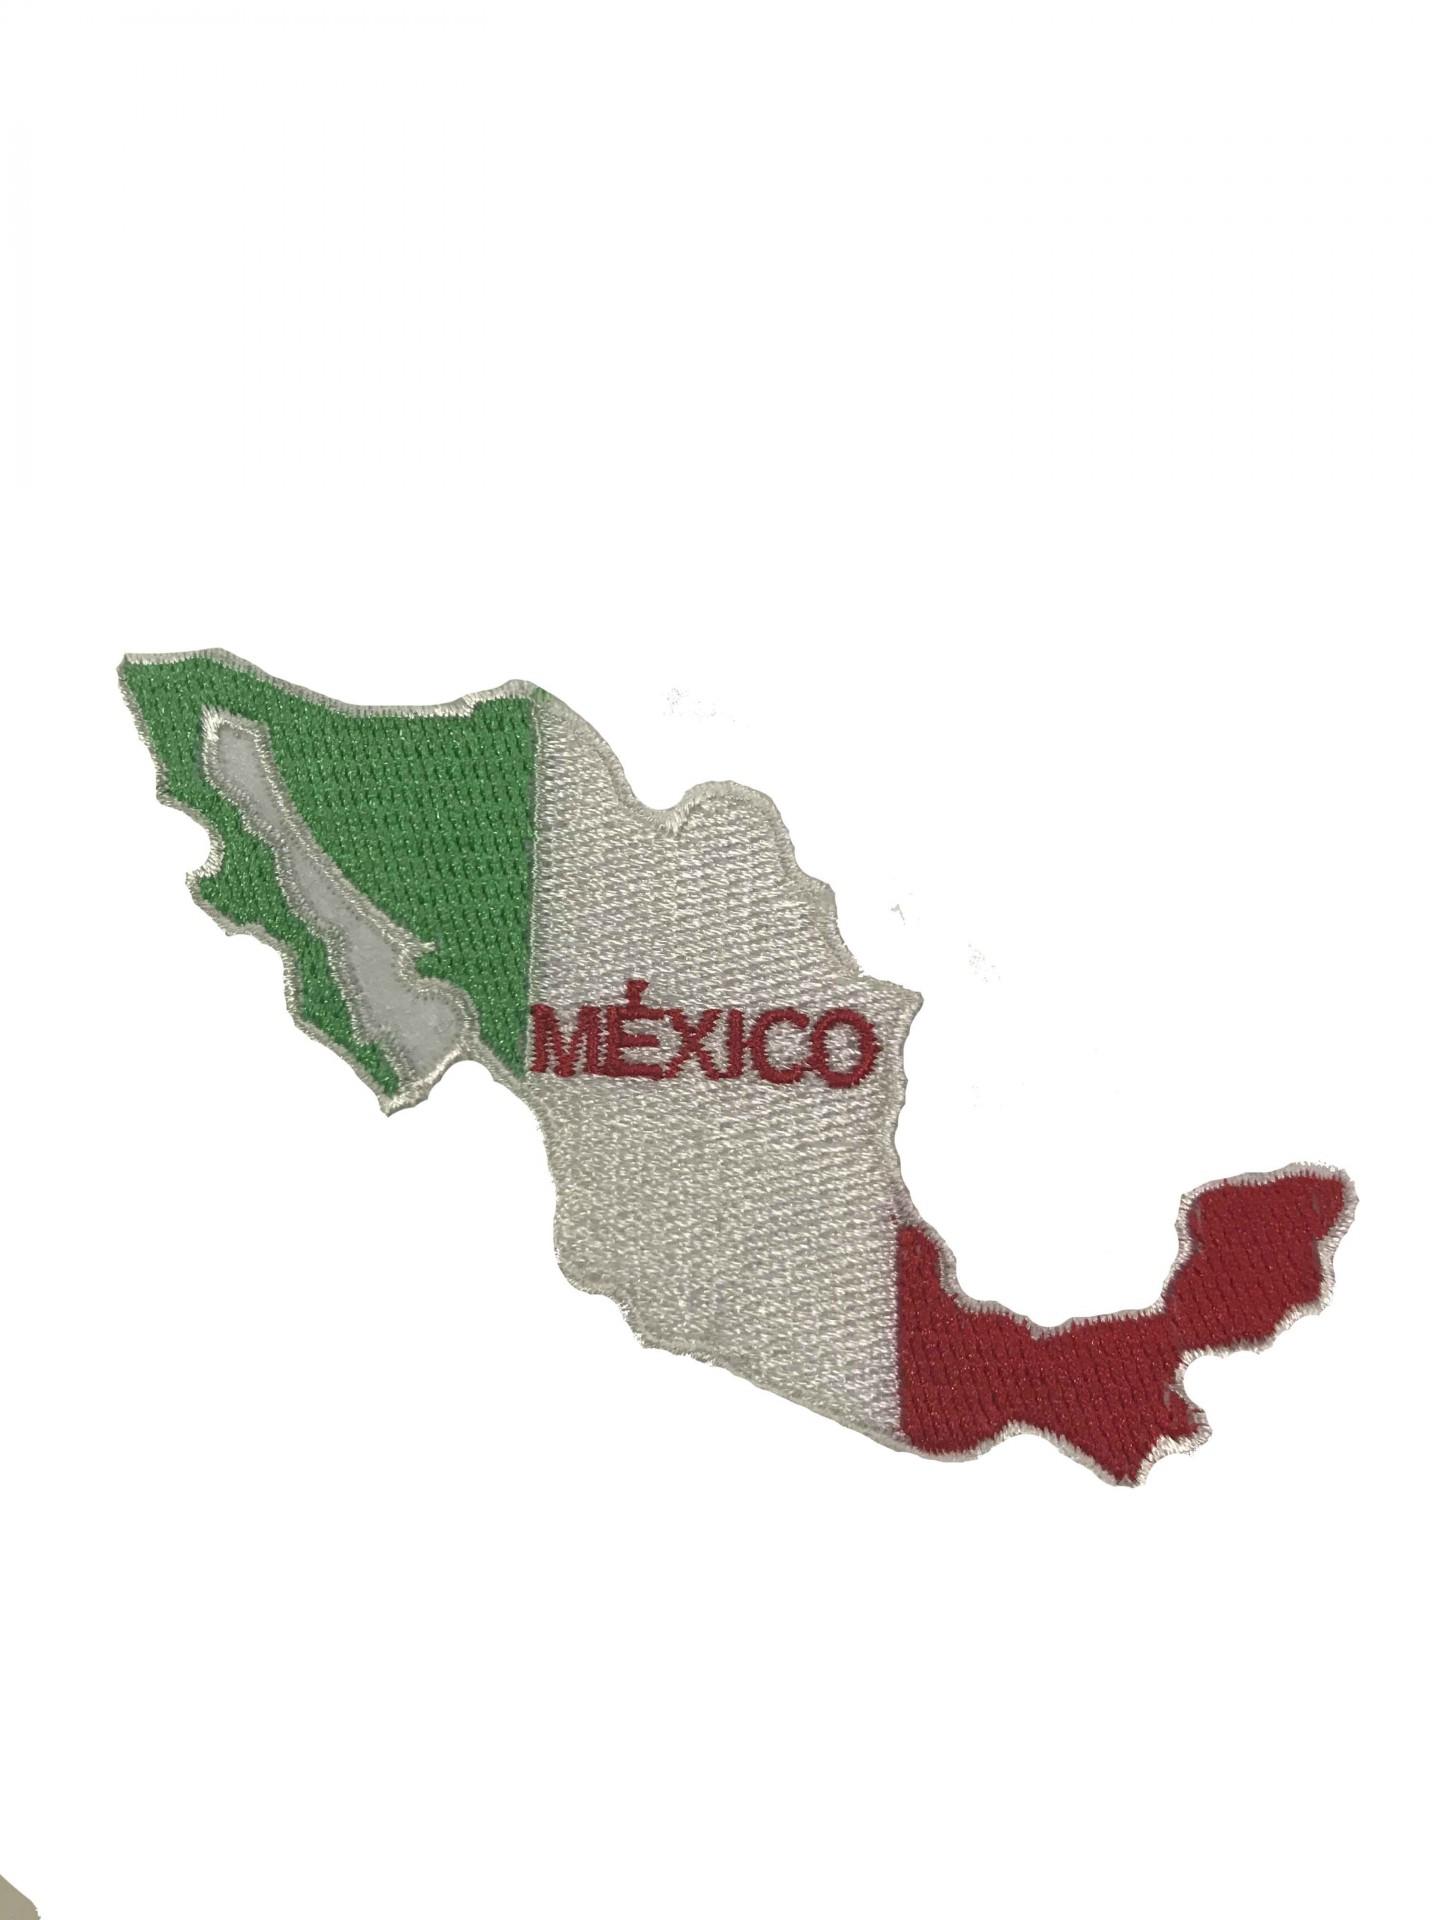 Emblema México